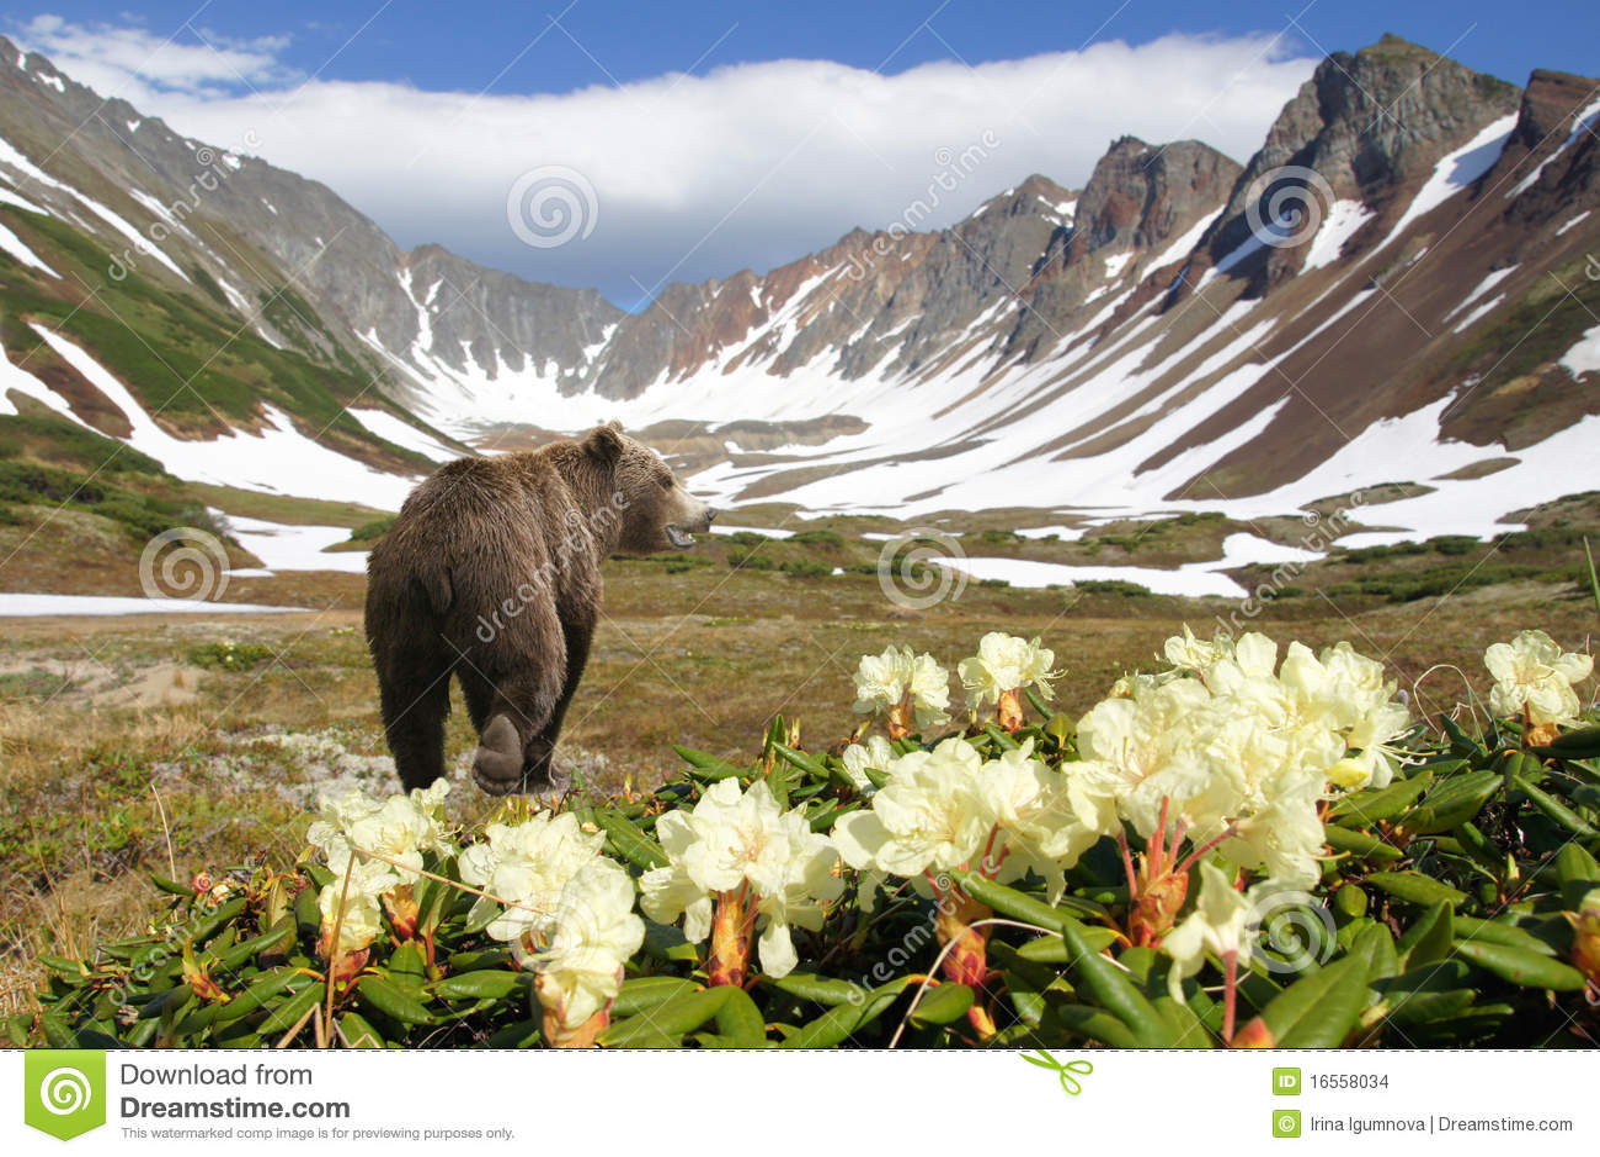 Bear in volcano